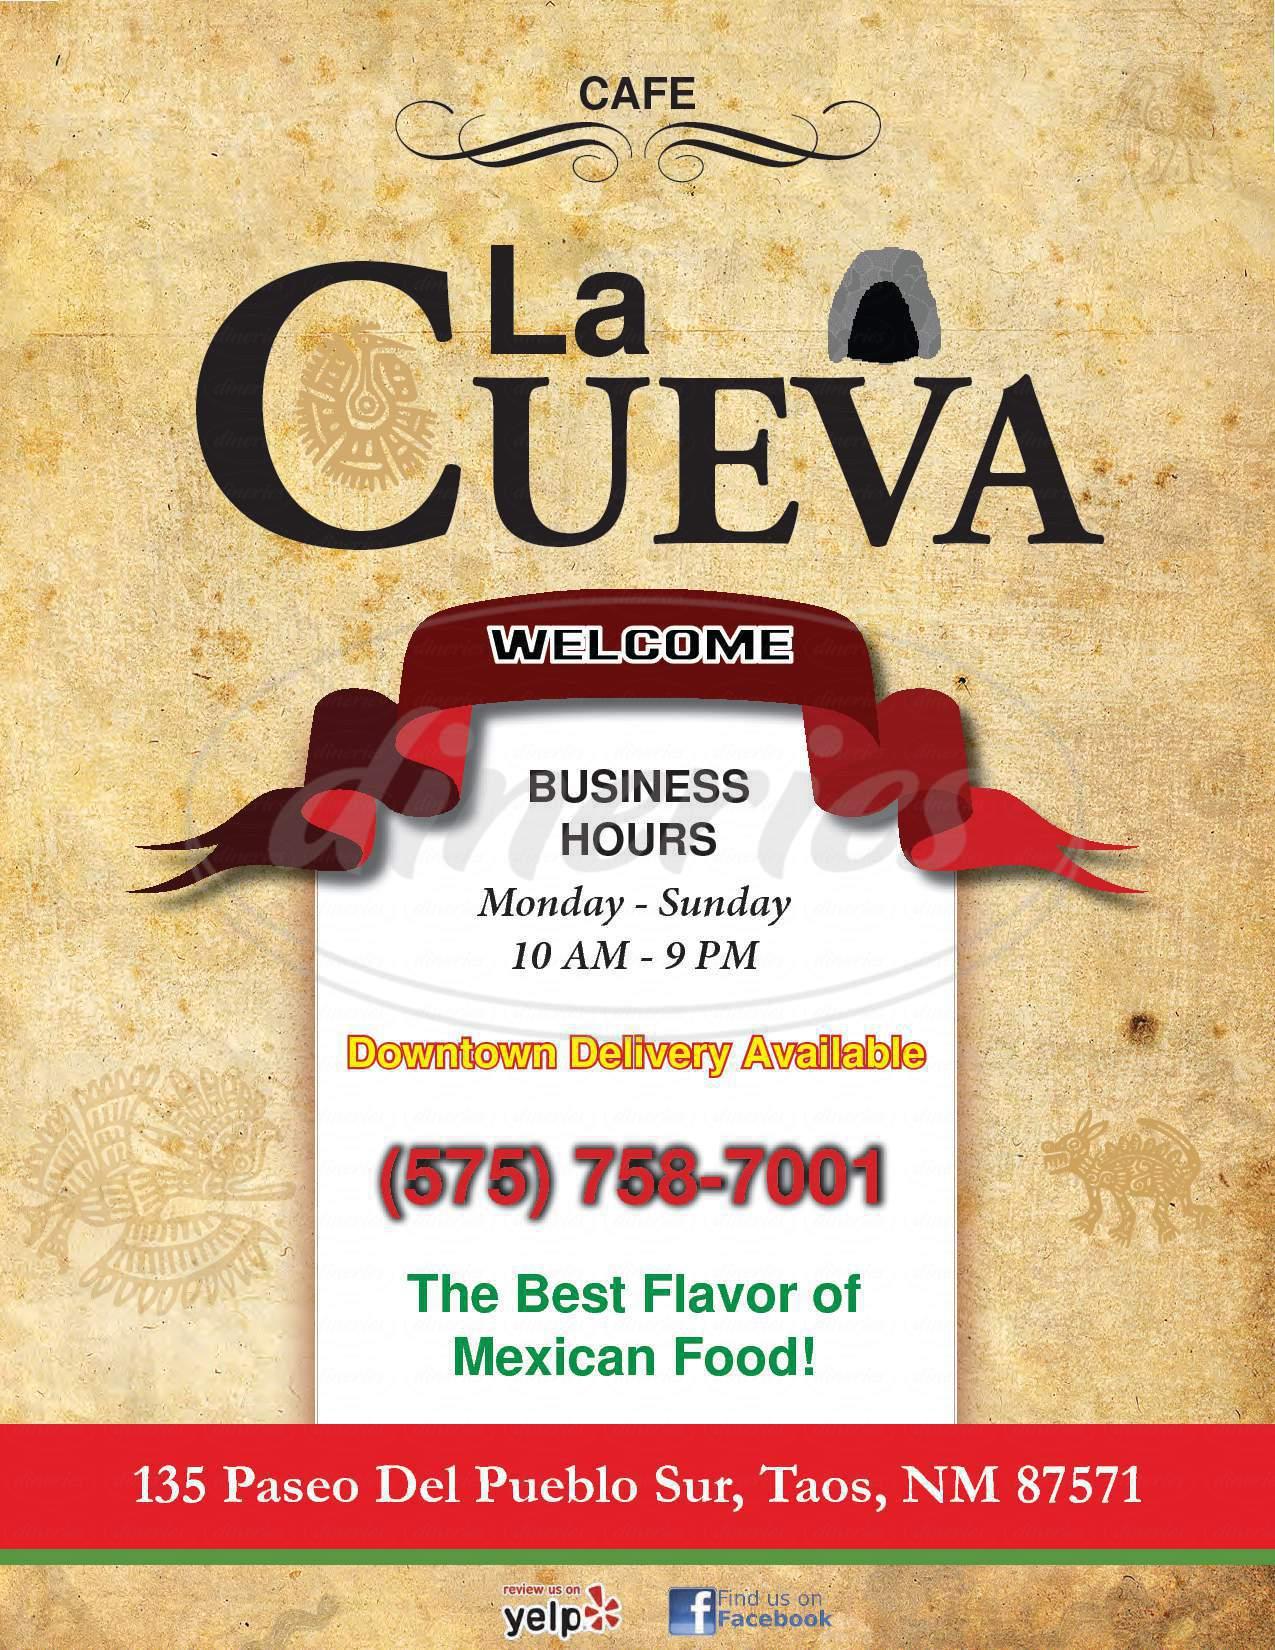 menu for La Cueva Cafe